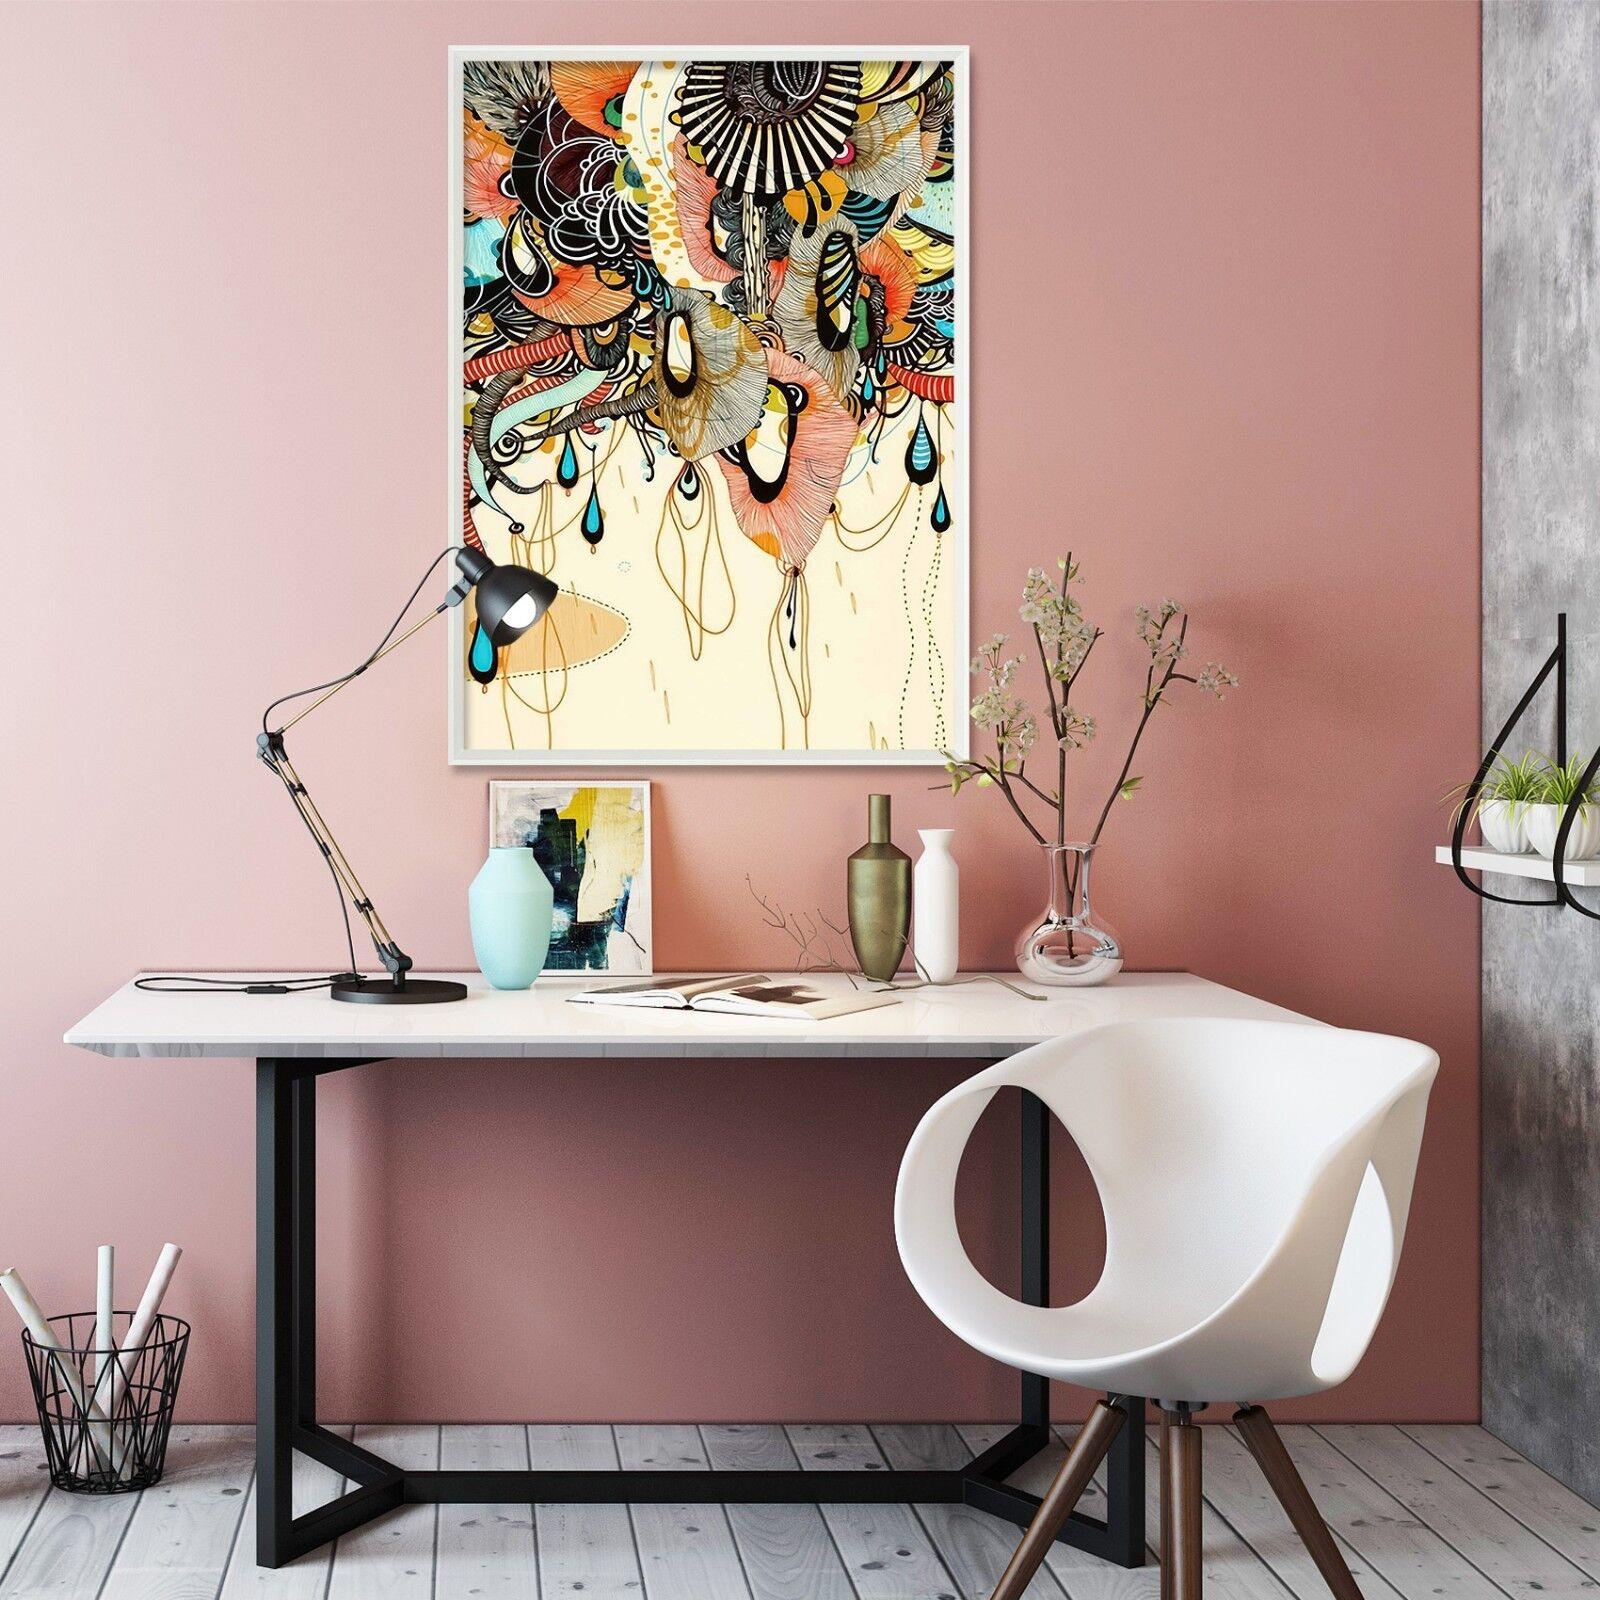 Patrón de Colgante 3D 51 Póster Enmarcado Decoración del Hogar Pintura de Impresión Arte AJ